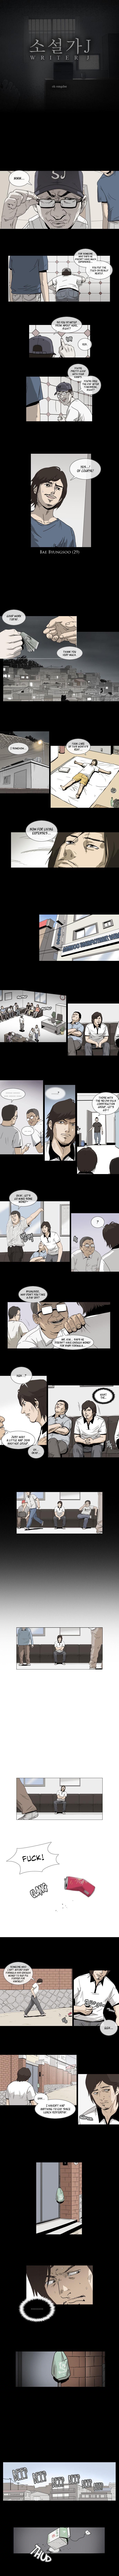 Writer J 0 Page 2